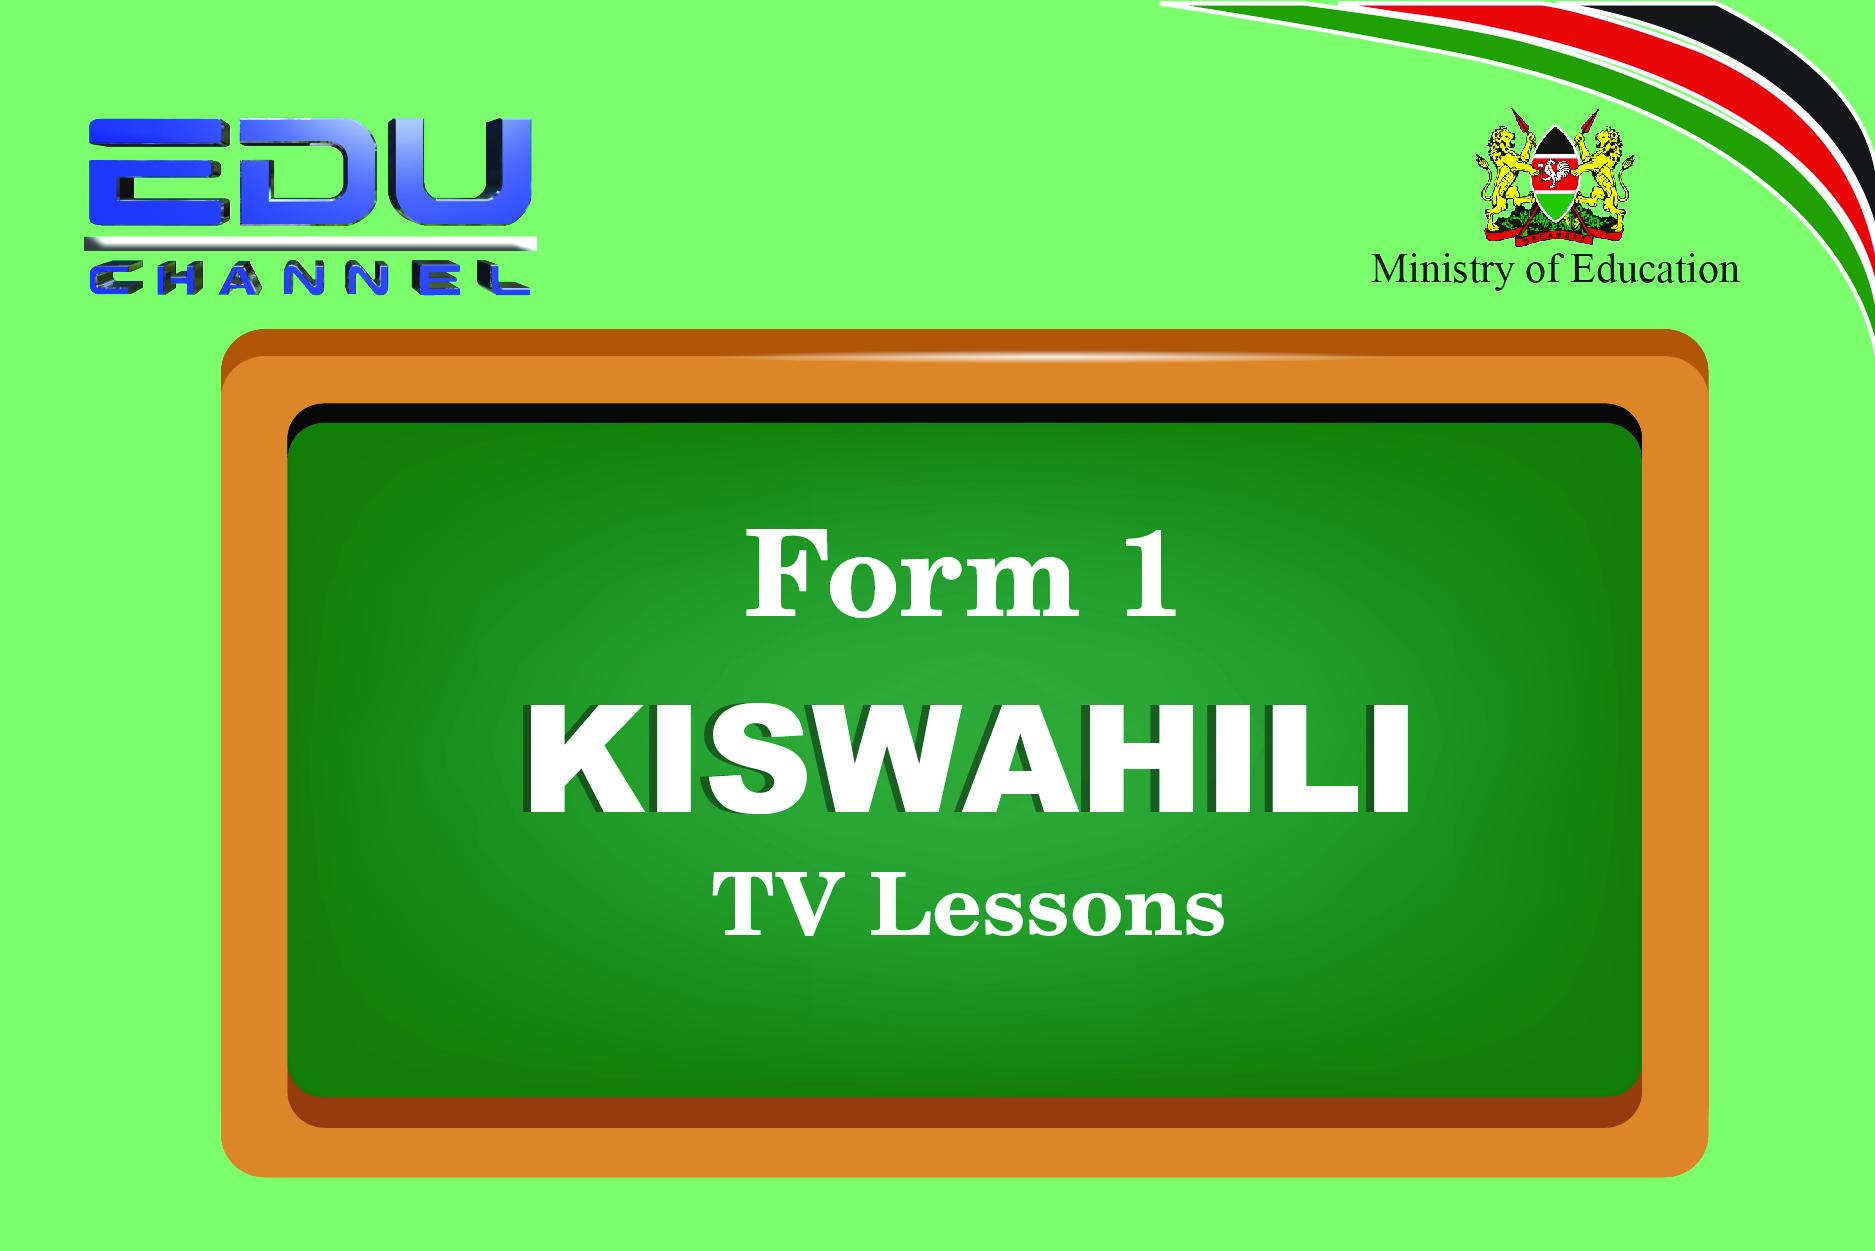 Form 1 Kiswahili Lesson 2: Uhuru wa Mshairi